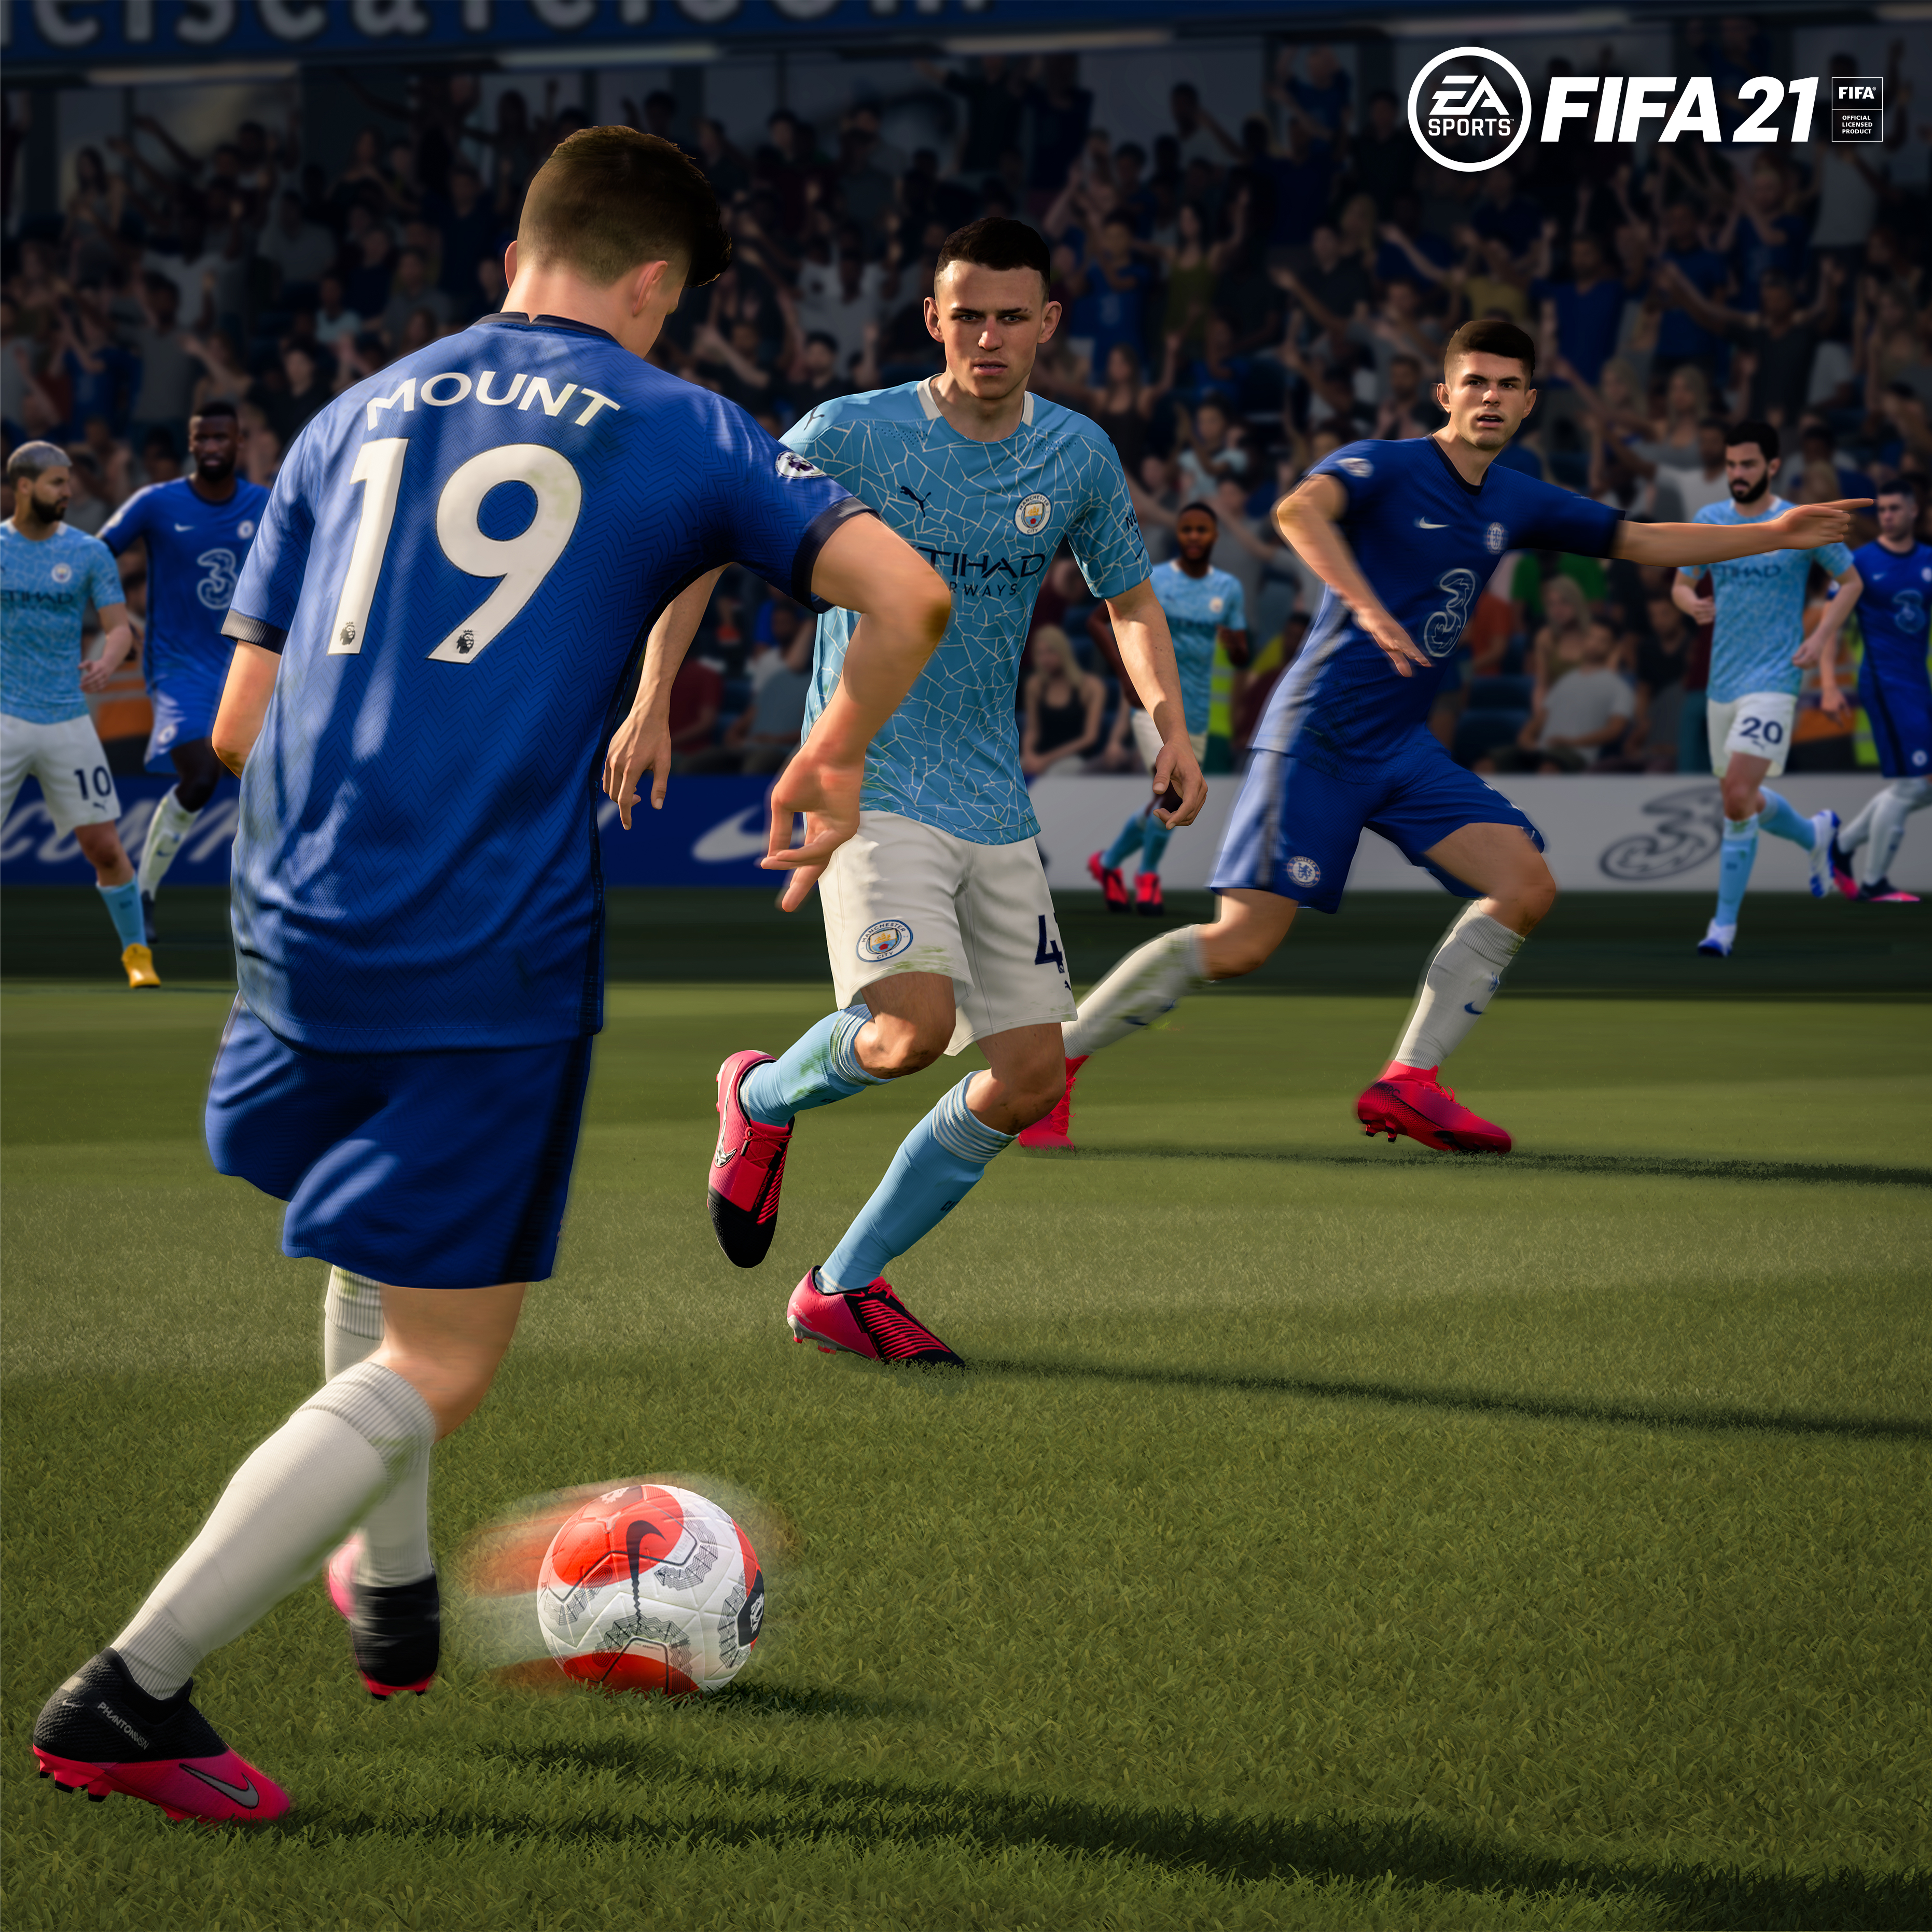 FIFA 21 Screenshots FIFPlay 3725x3725